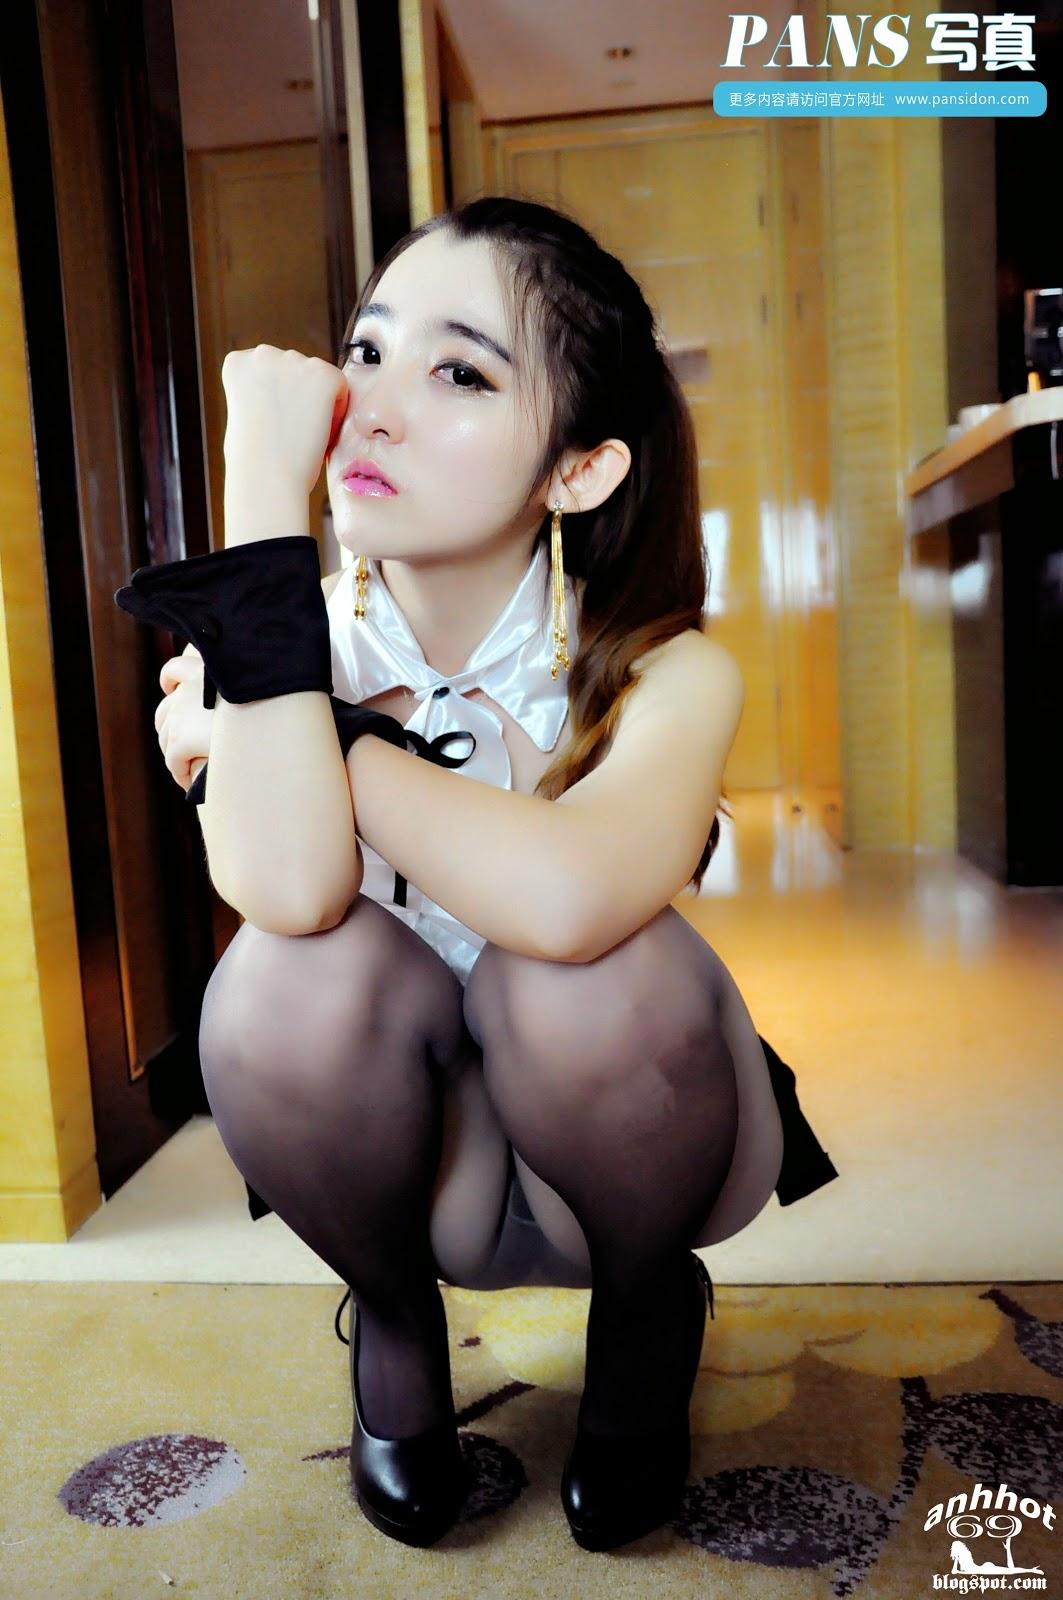 zi_xuan-pansidon-02547767